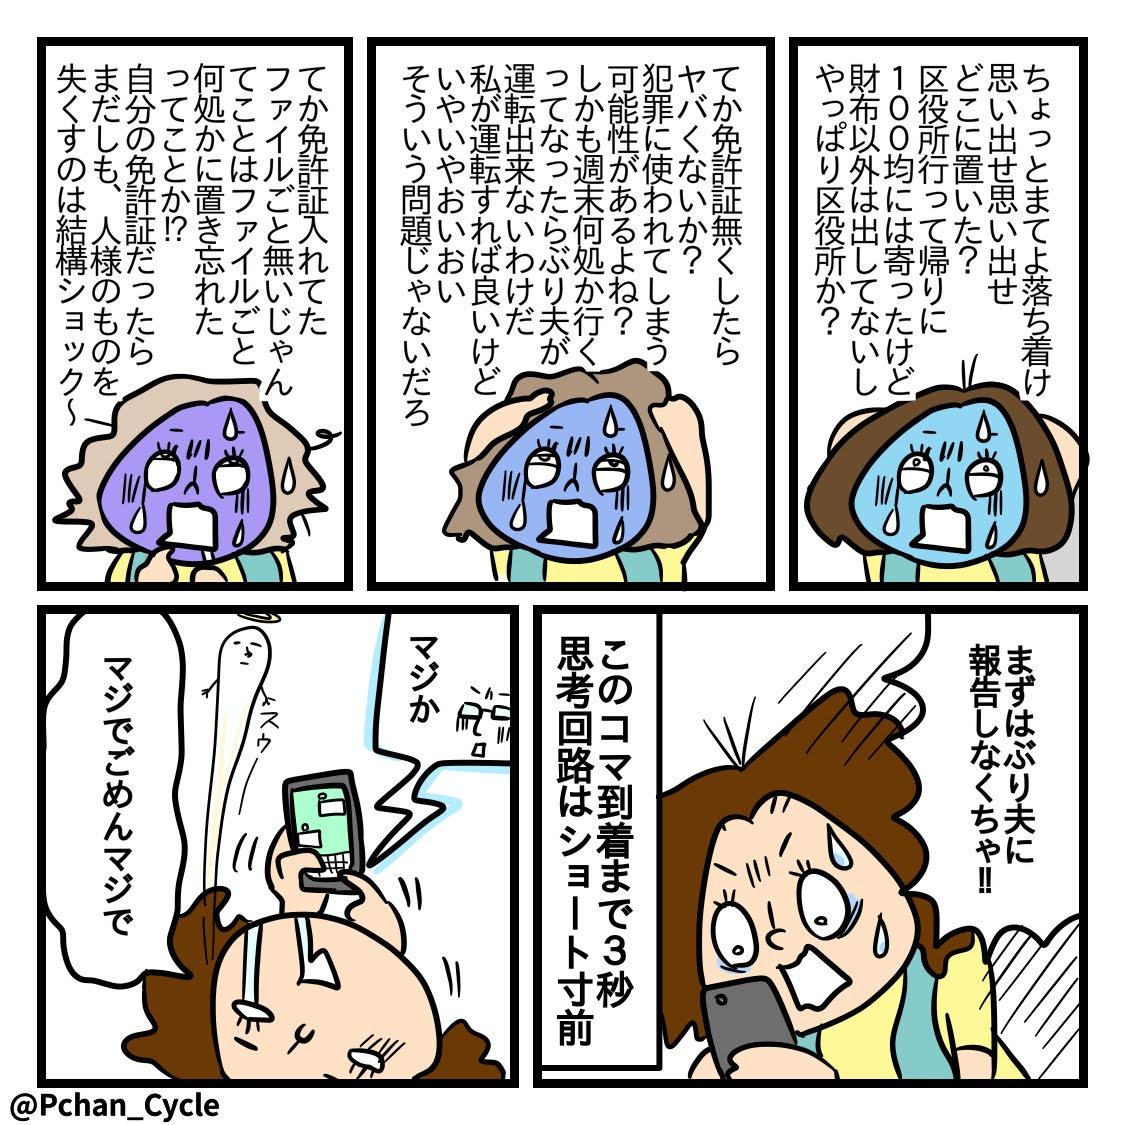 【日常漫画】マジでびびった話〜ぶり夫の運転免許証紛失事件〜ローラー台どころじゃない